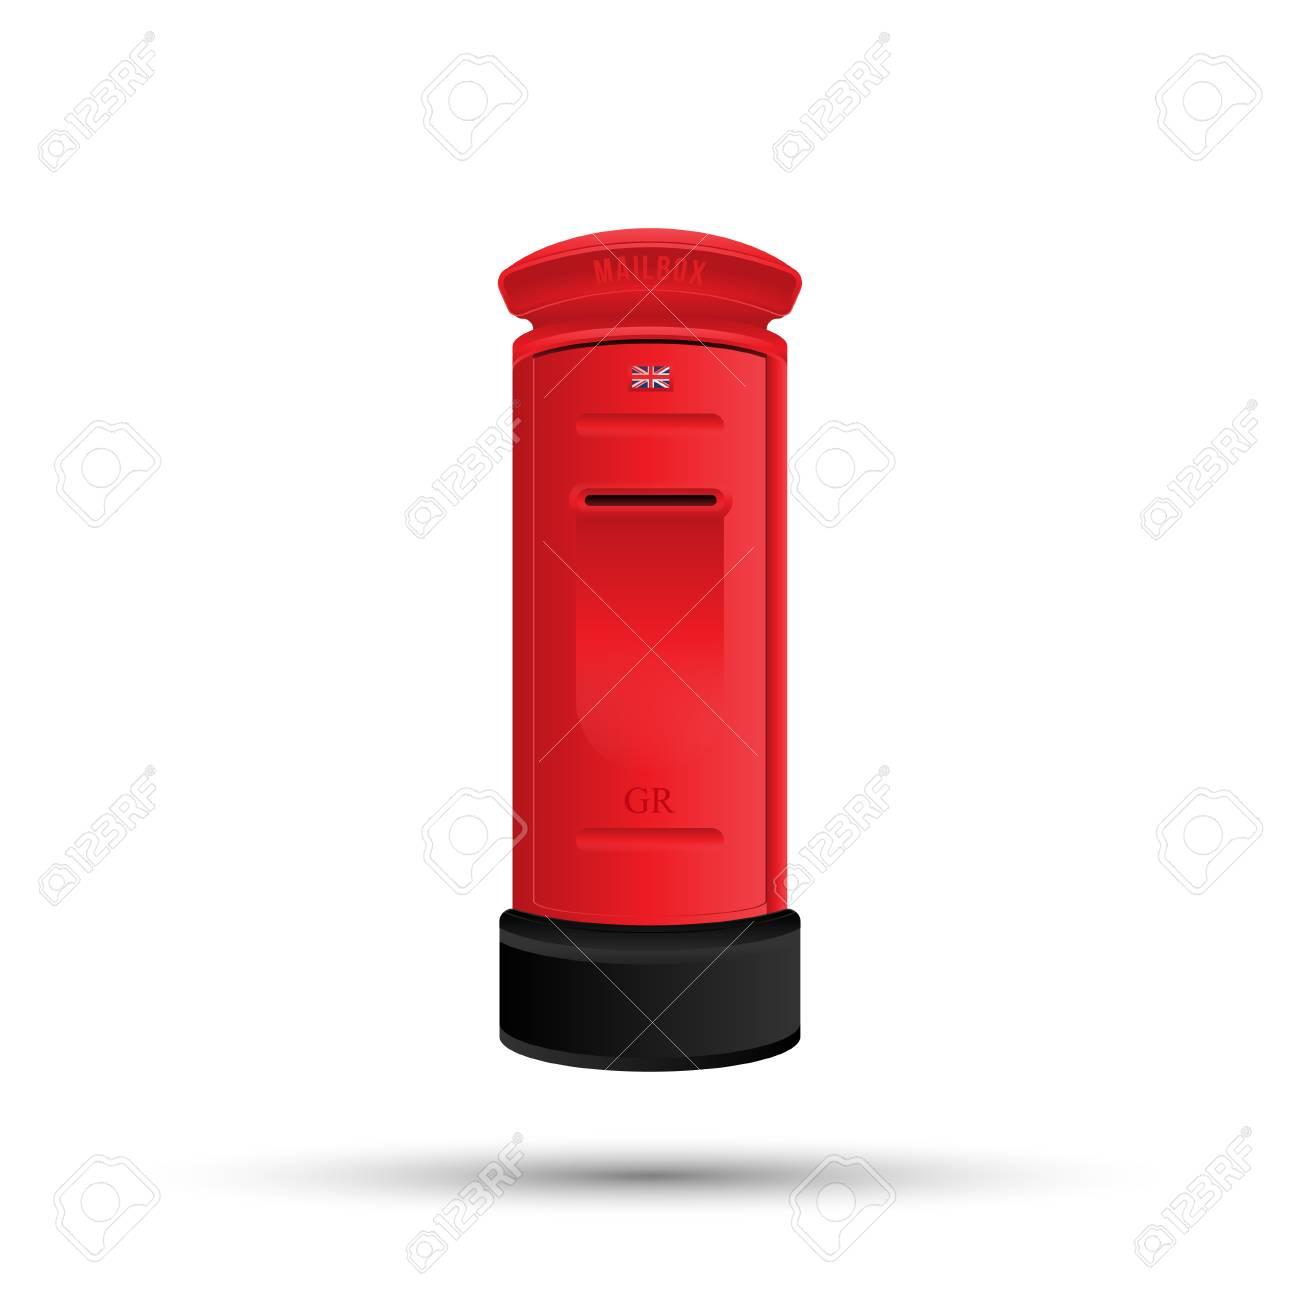 Englisch Rote Briefkasten Für Porto Vektor Illustration Isoliert